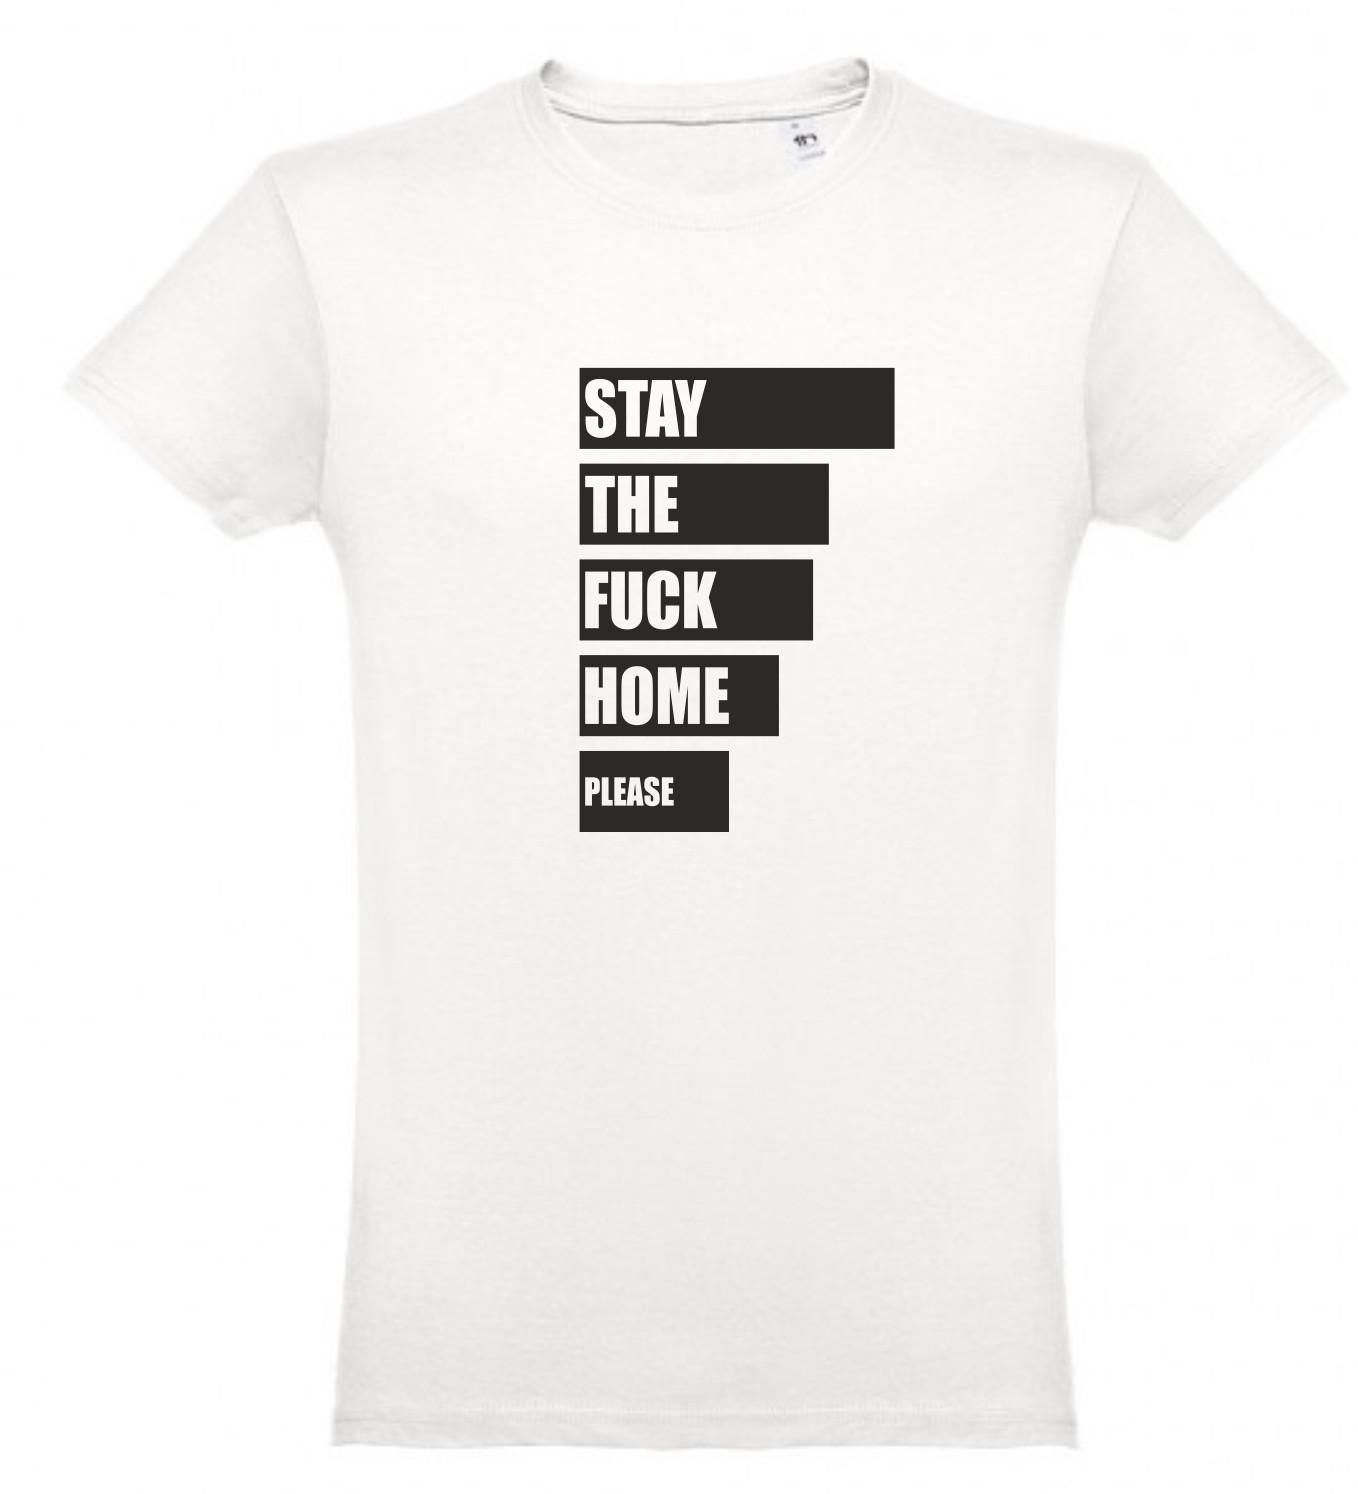 staythef**khome